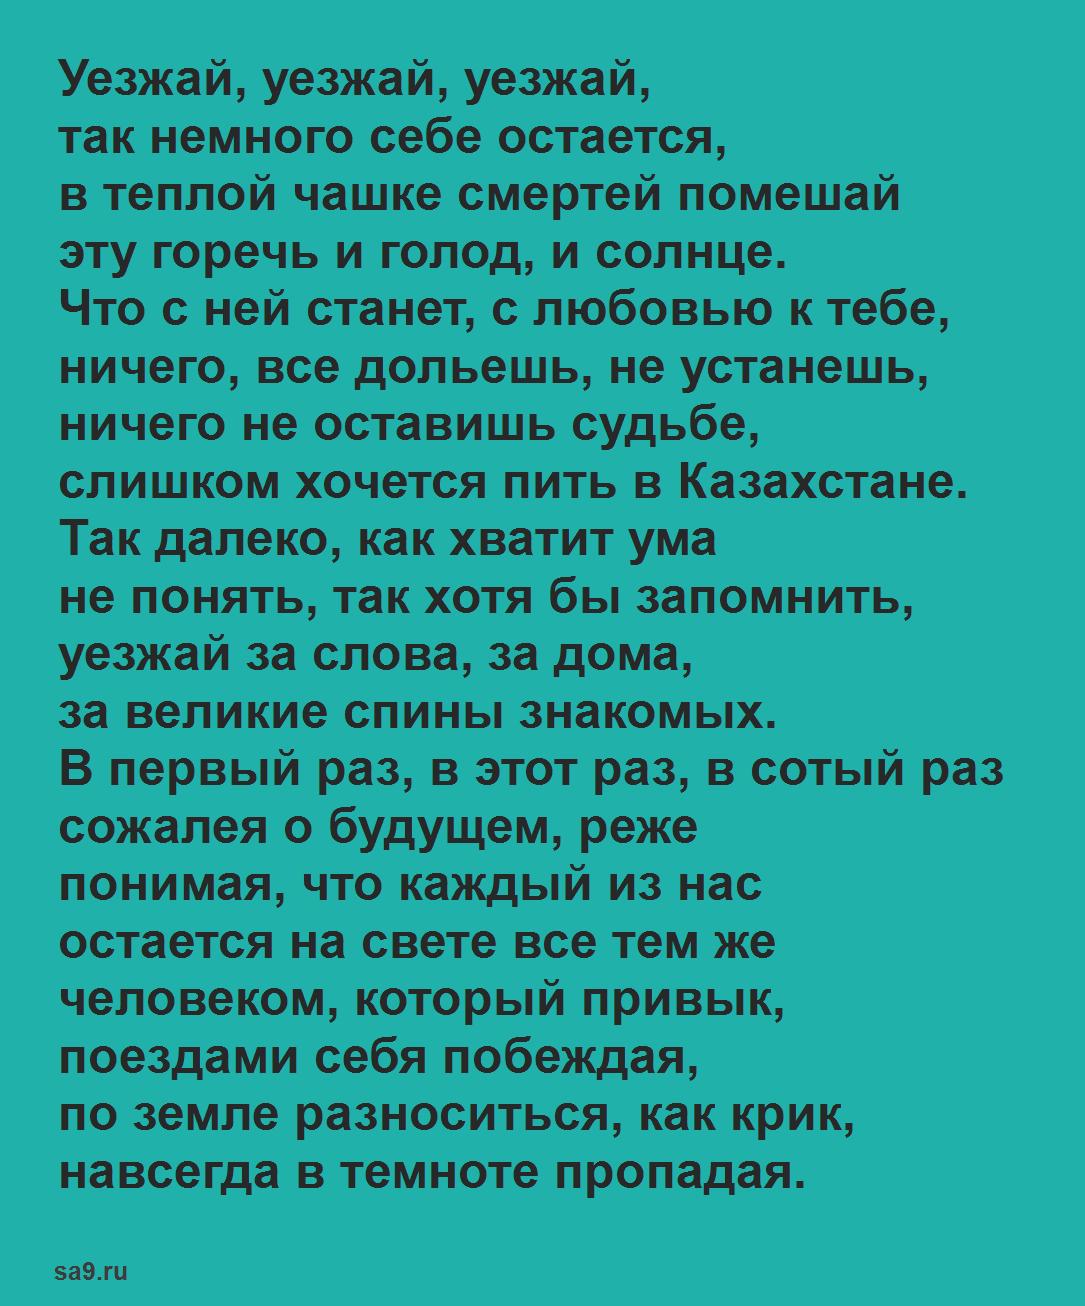 Читать лучшие стихи Бродского - Уезжай